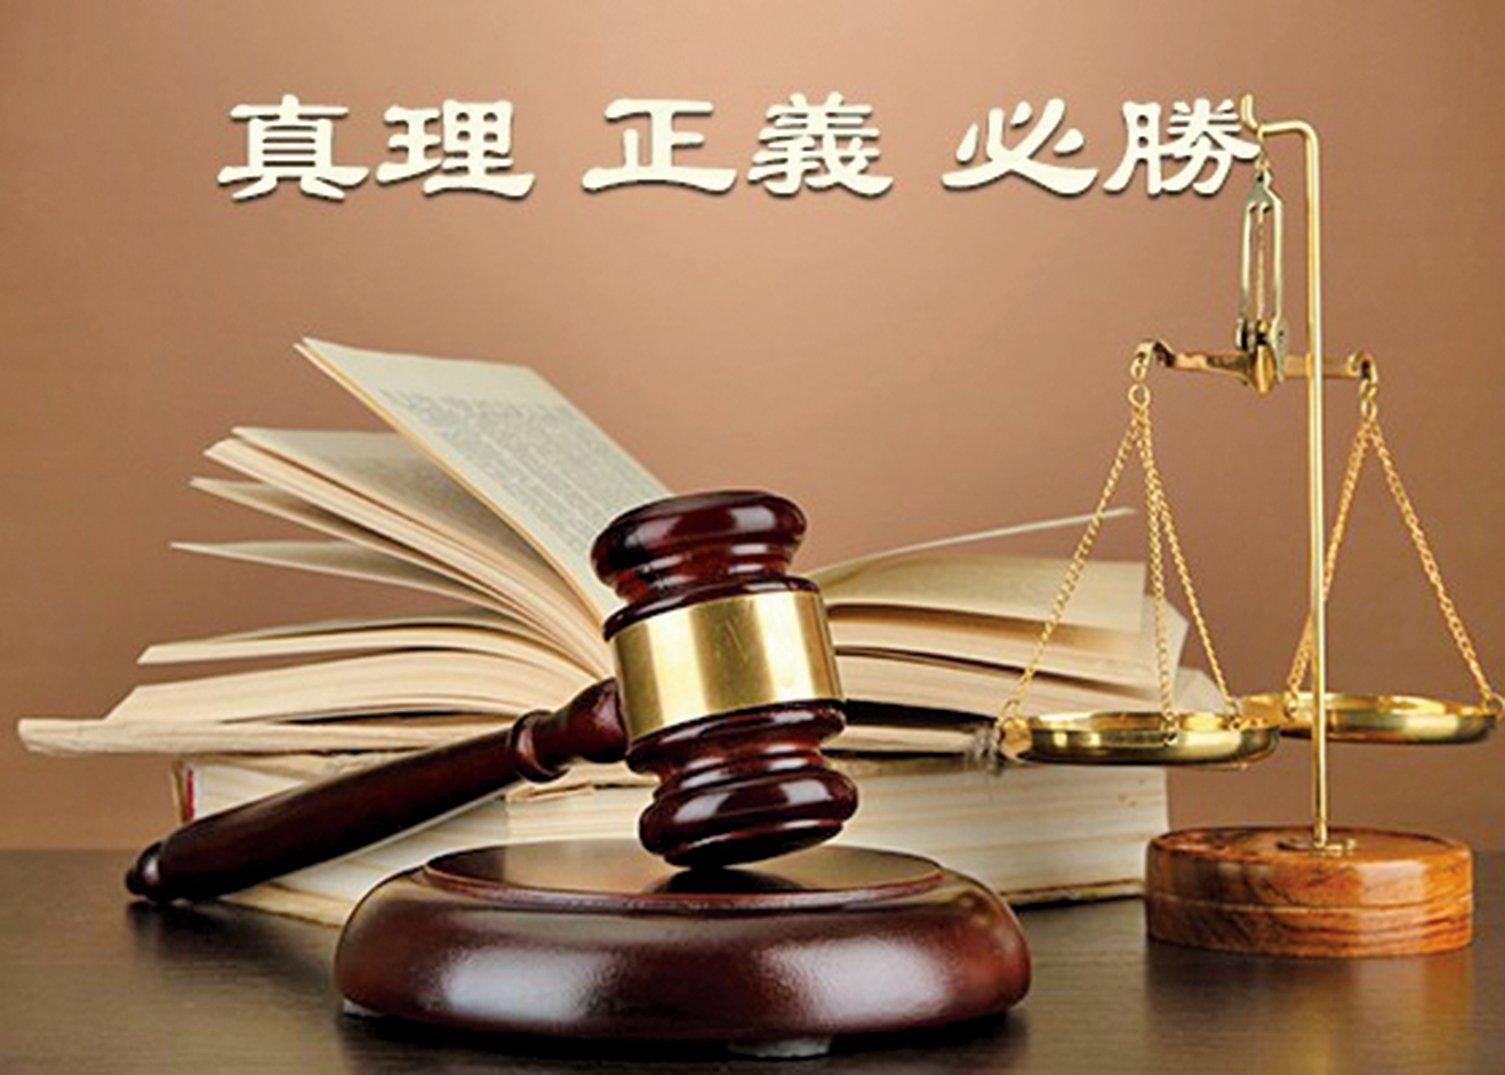 寧夏永寧縣8名法輪功學員被銀川市西夏區法院非法開庭。8位律師在庭上為法輪功學員作了無罪辯護。(明慧網)